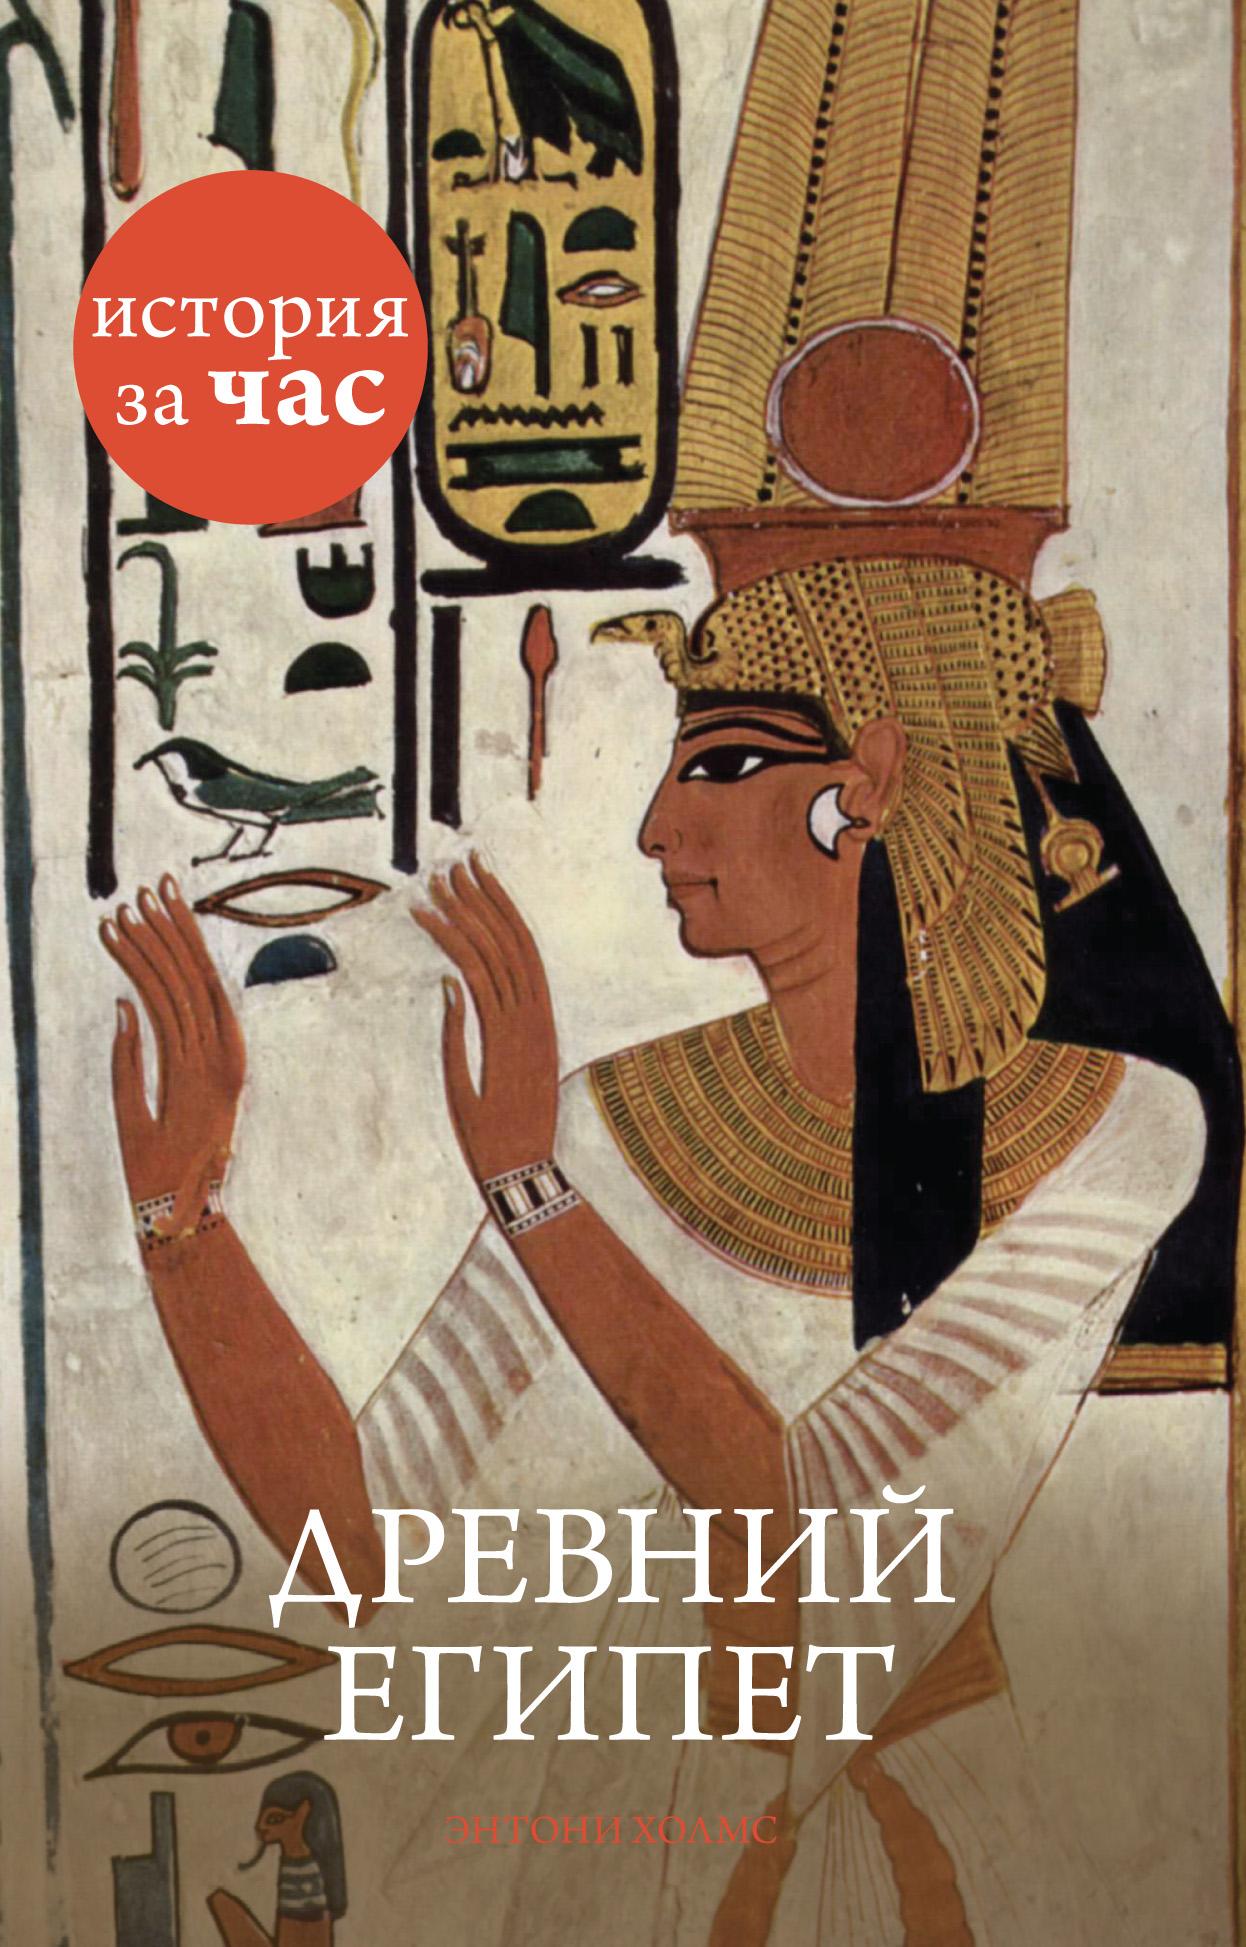 Энтони Холмс Древний Египет борис деревенский древний египет